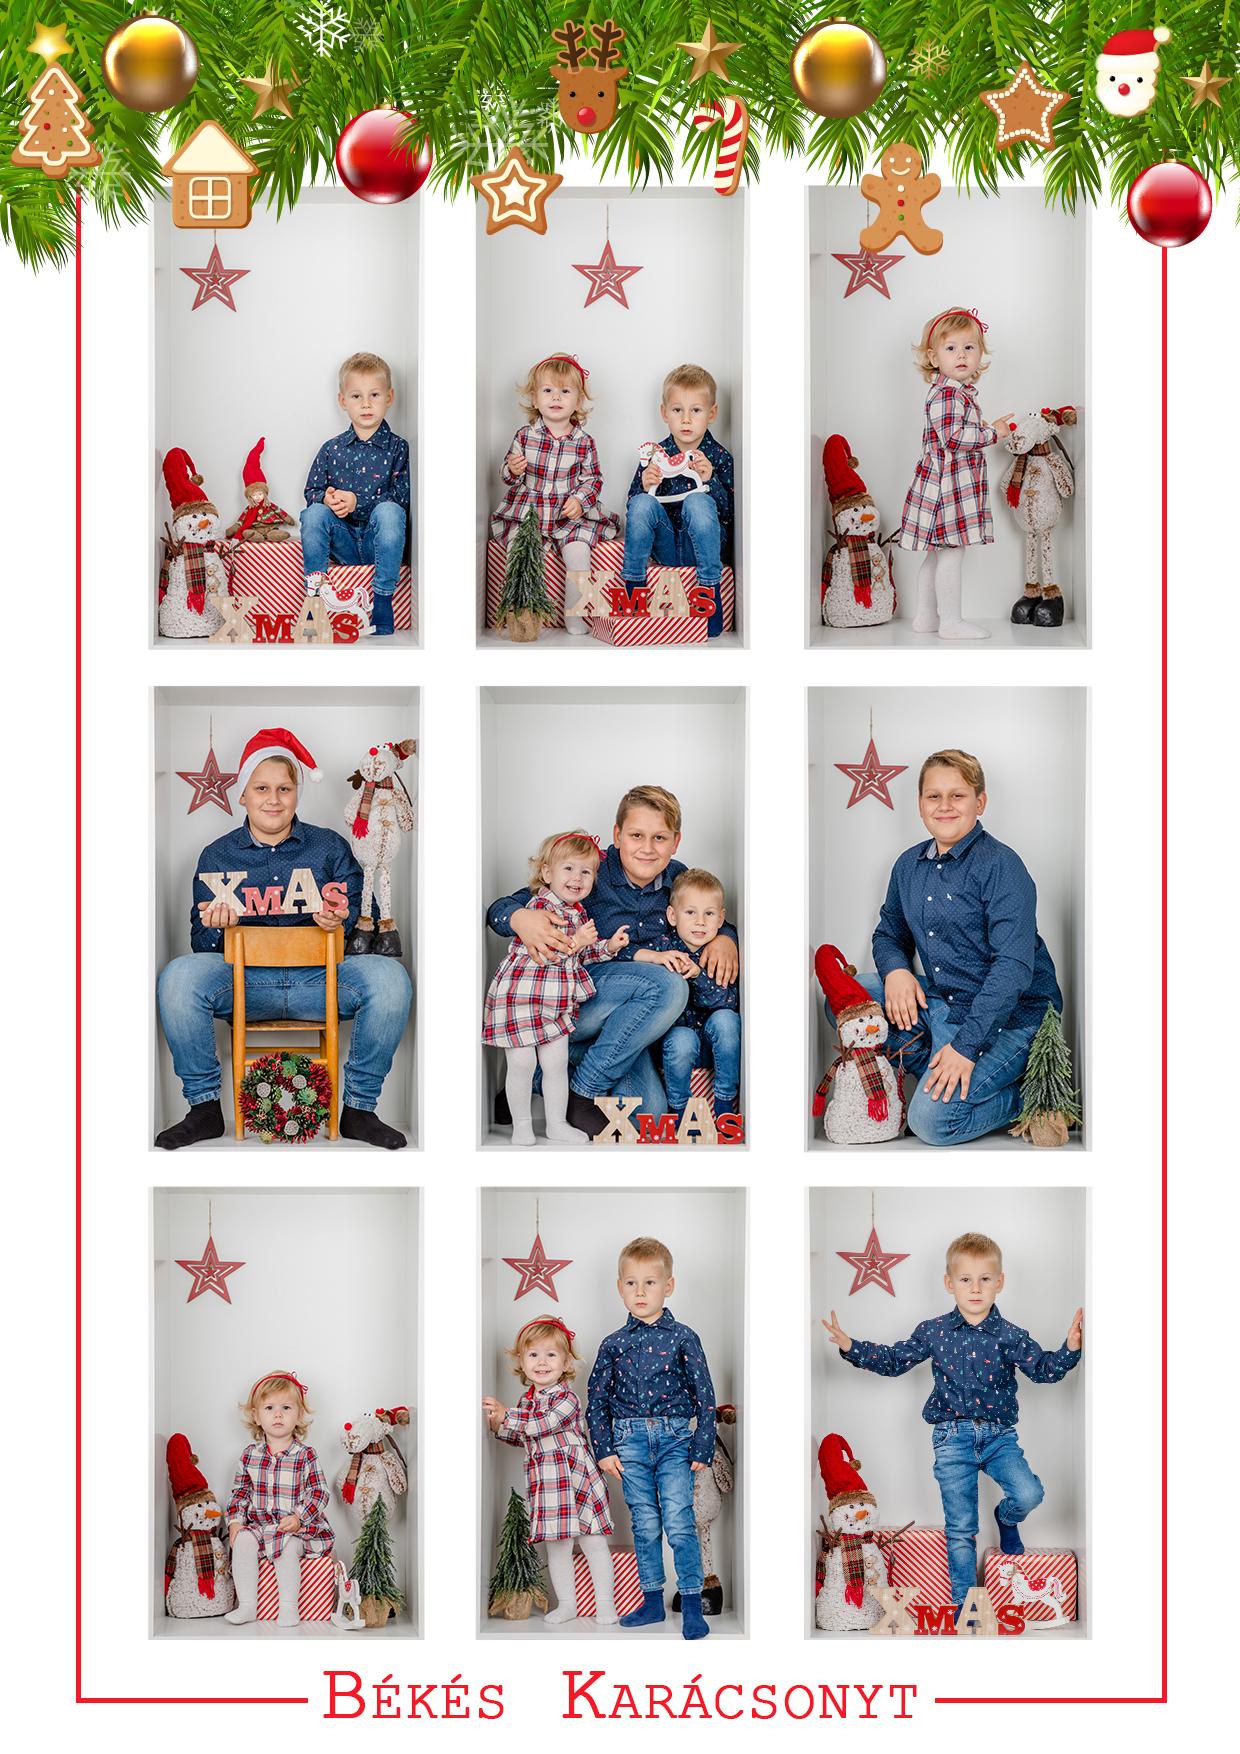 Karácsonyi fotózás dunaszerdahely